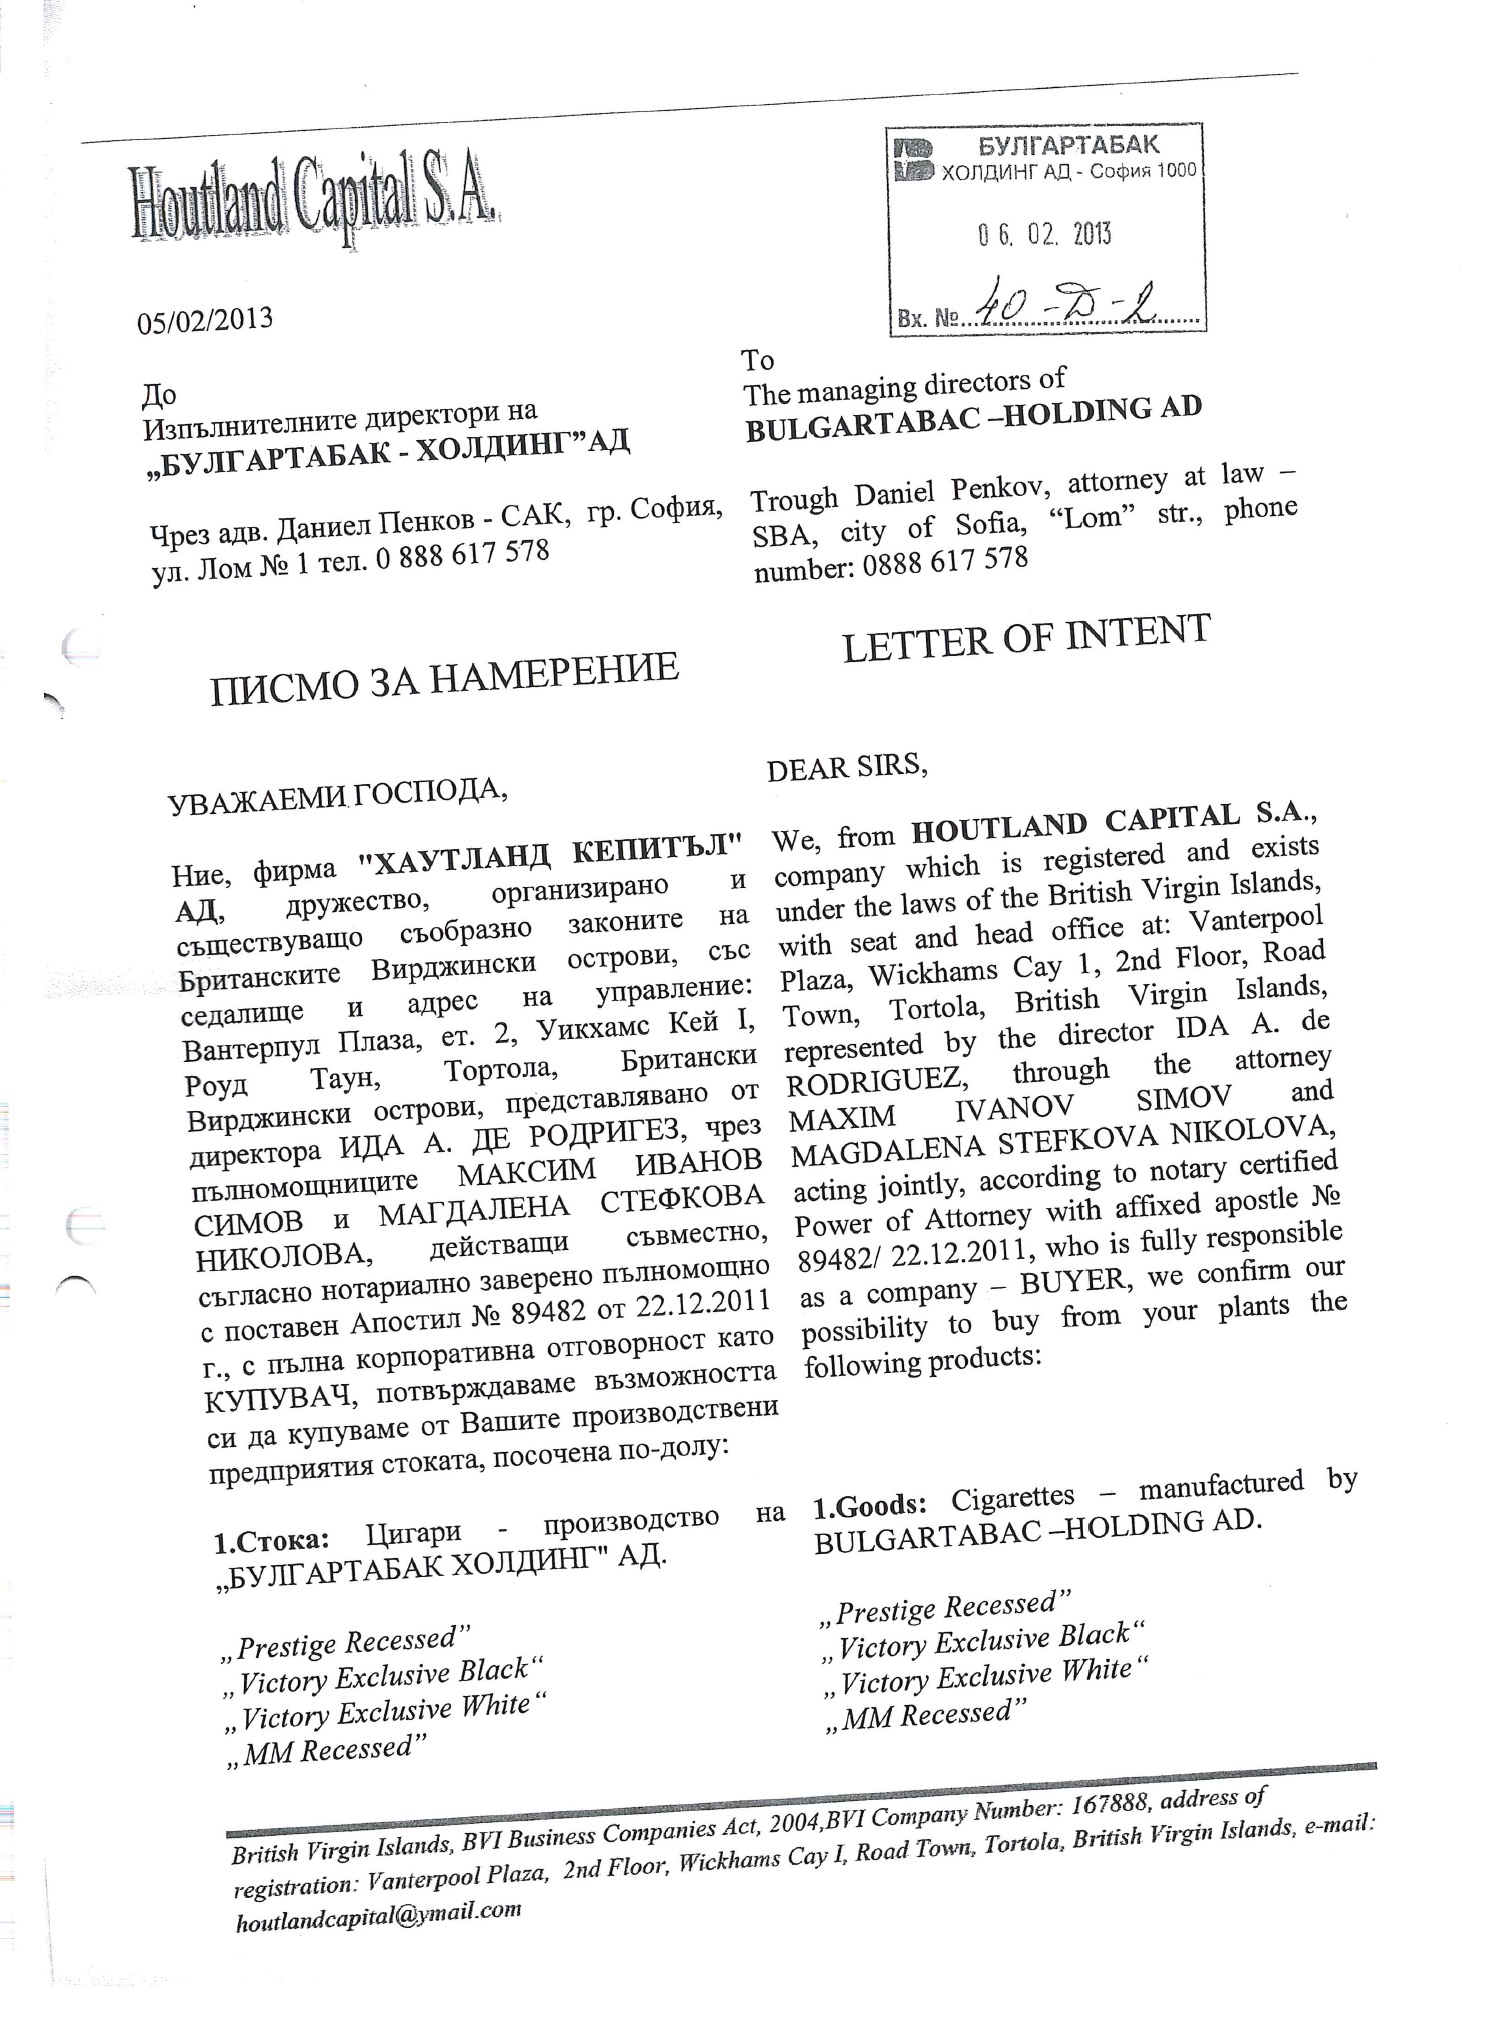 Борисов был уведомлен и знал, что происходит  «Булгартабак» отказался продавать сигареты официальным импортерам в Азии и Африке